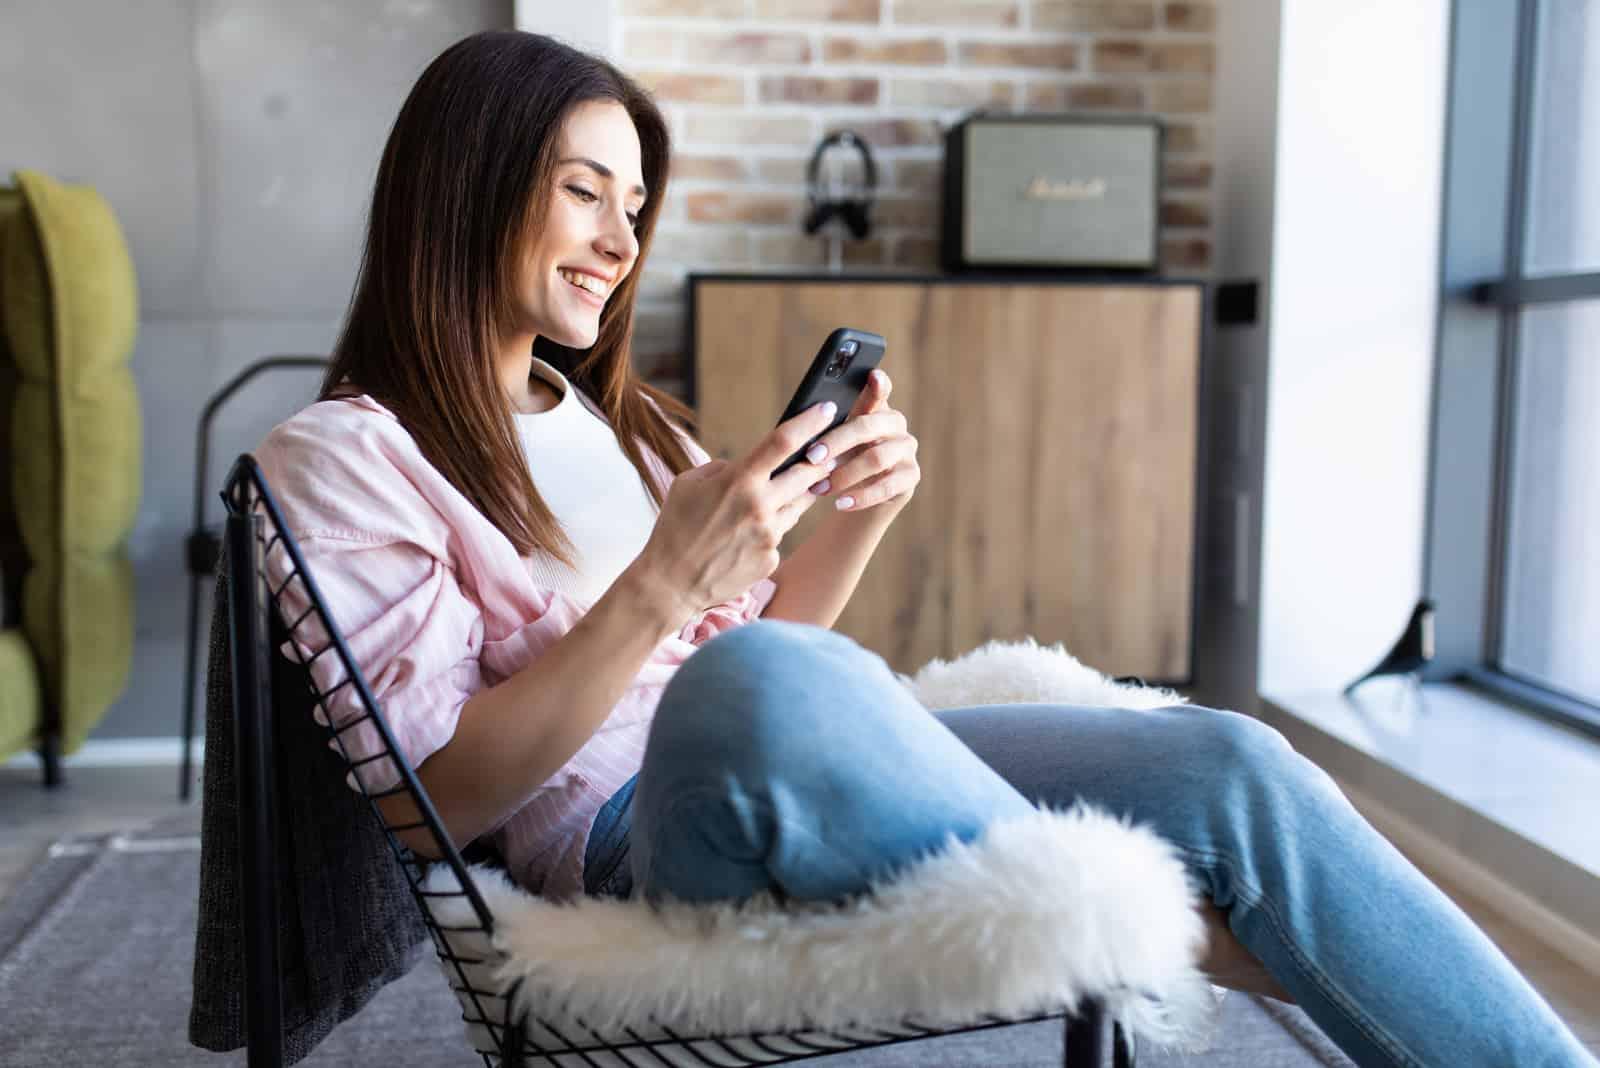 une femme souriante assise sur une chaise et en appuyant sur un téléphone